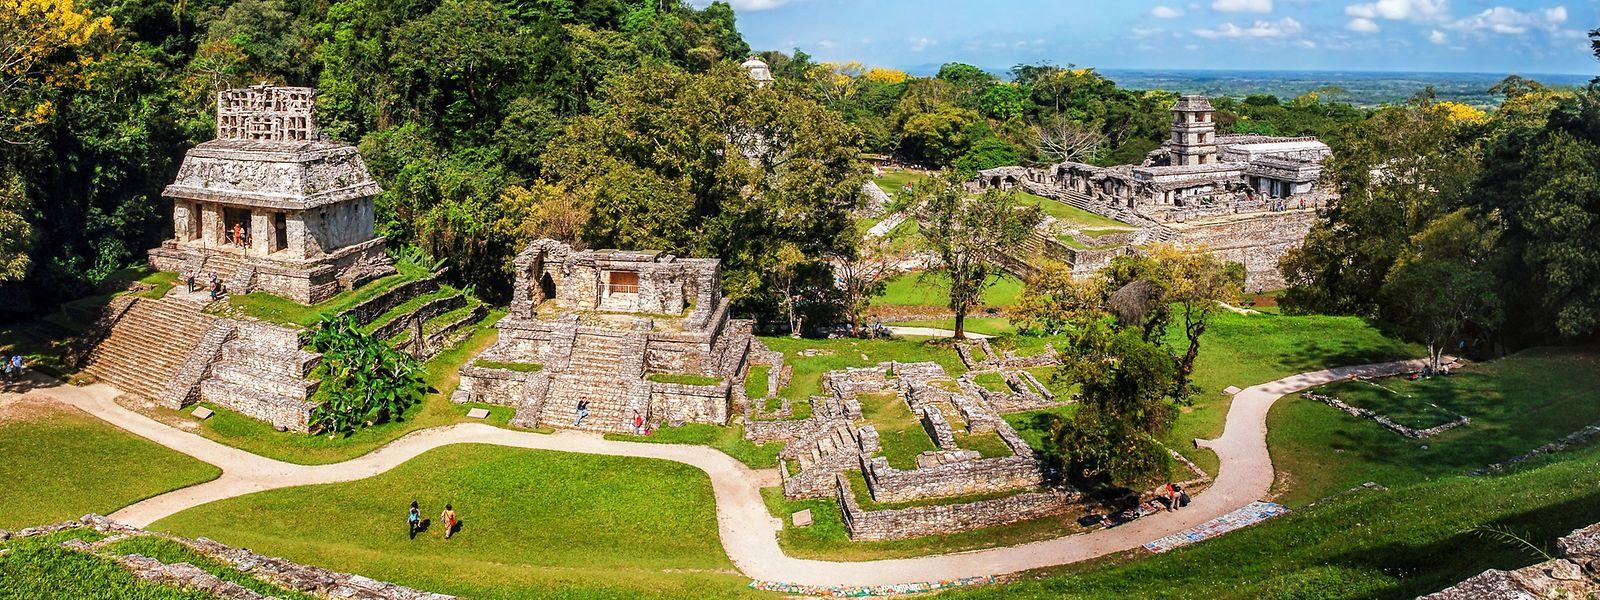 Mittlerweile werden in den Ruinen von Palenque pro Jahr rund 900.000 Besucher gezählt.